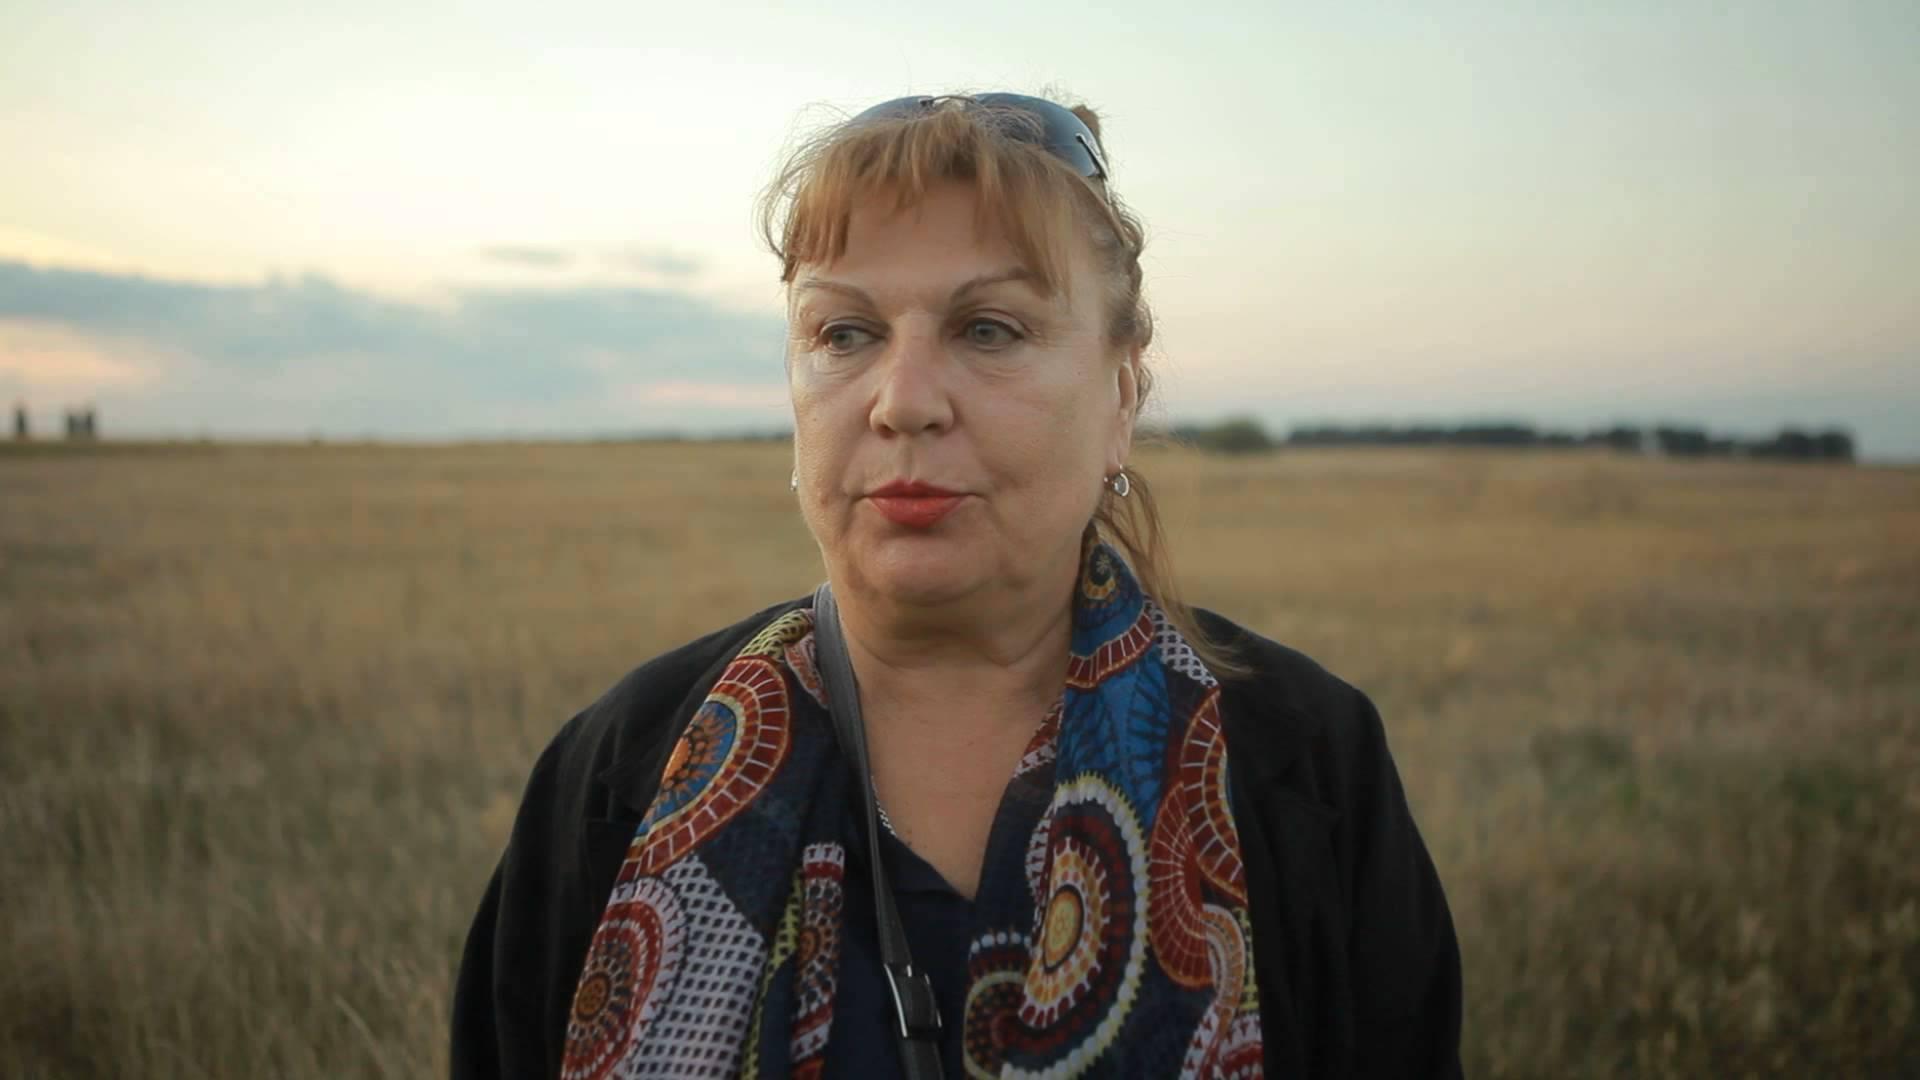 Татьяна Тарасова: биография, личная жизнь, семья, муж, дети — фото